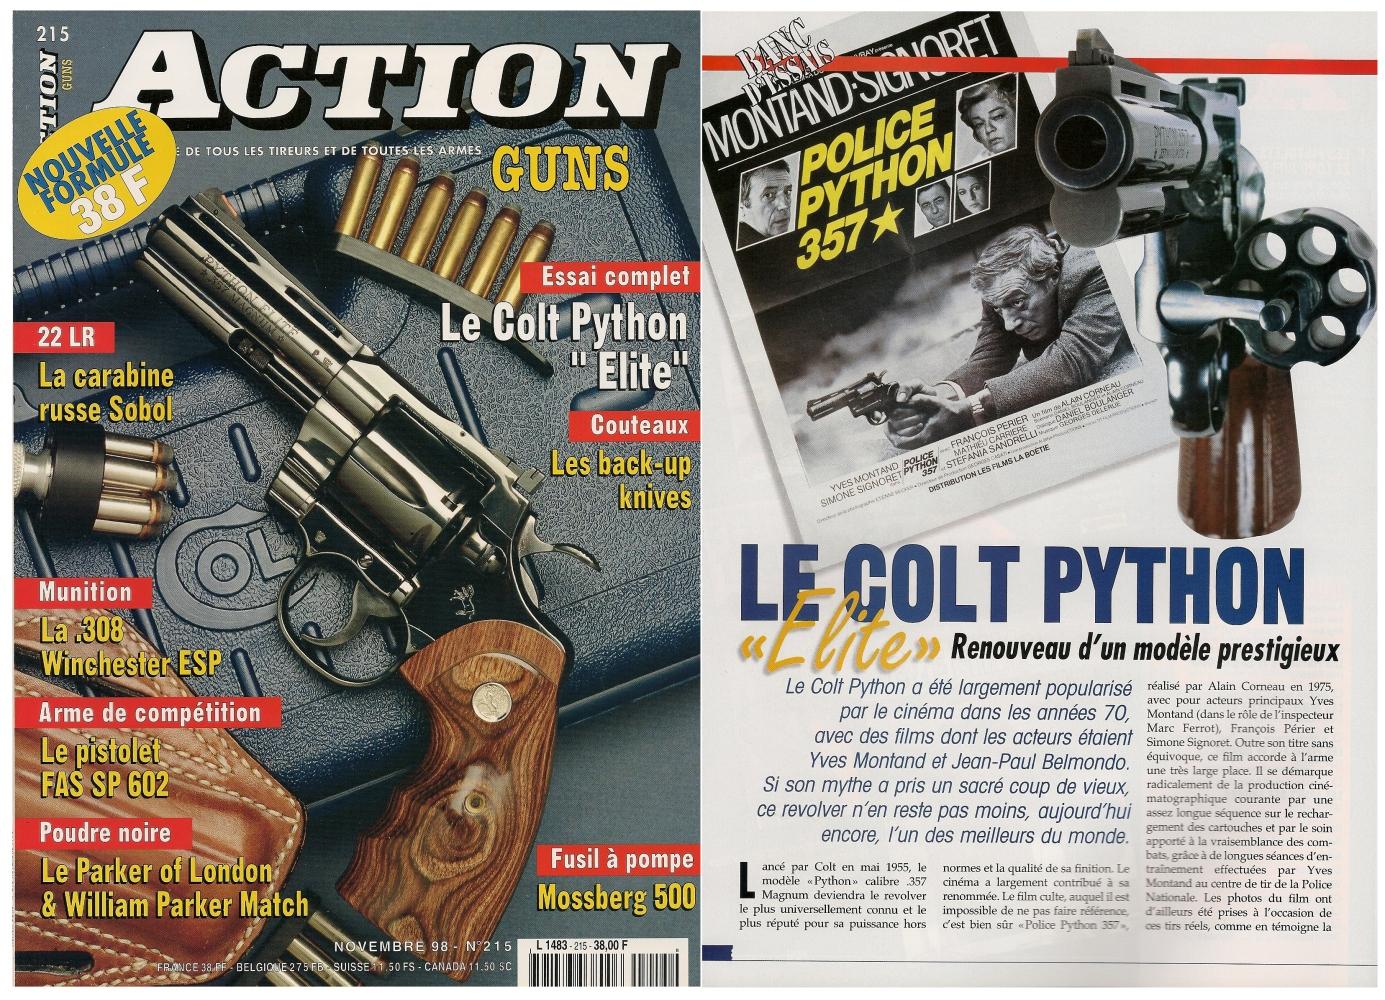 Le banc d'essai du Colt Python « Elite » a été publié sur 7 pages dans le magazine Action Guns n°215 (novembre 1998).